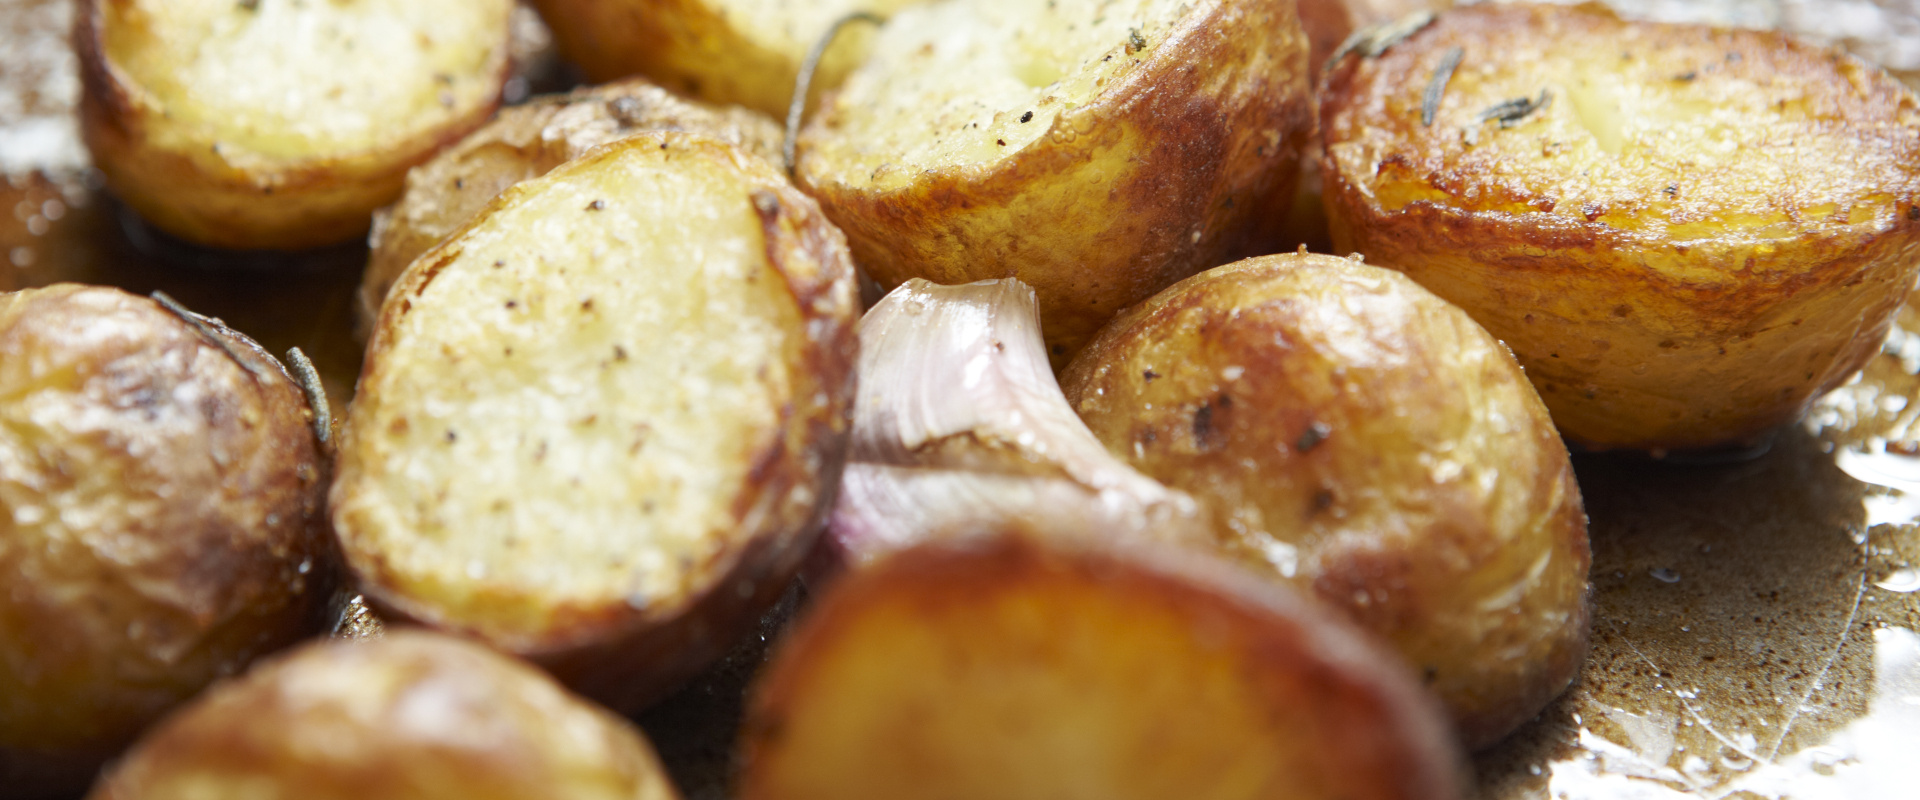 szaftos sült újkrumpli cover